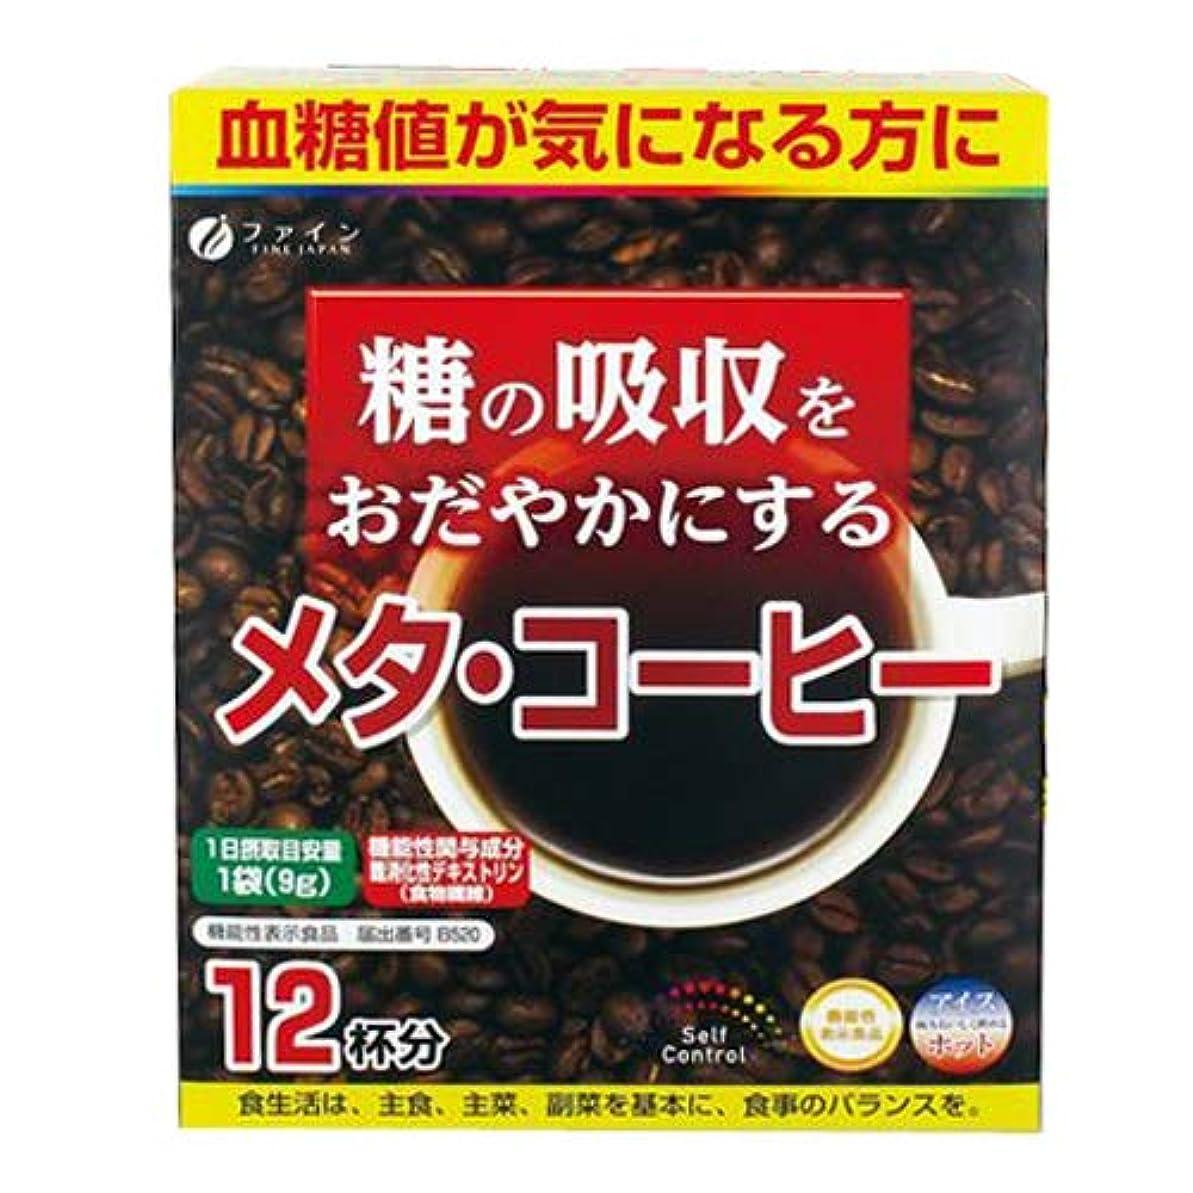 種をまく娘ゴネリル機能性表示食品 糖の吸収をおだやかにする メタ?コーヒー 【30箱組】